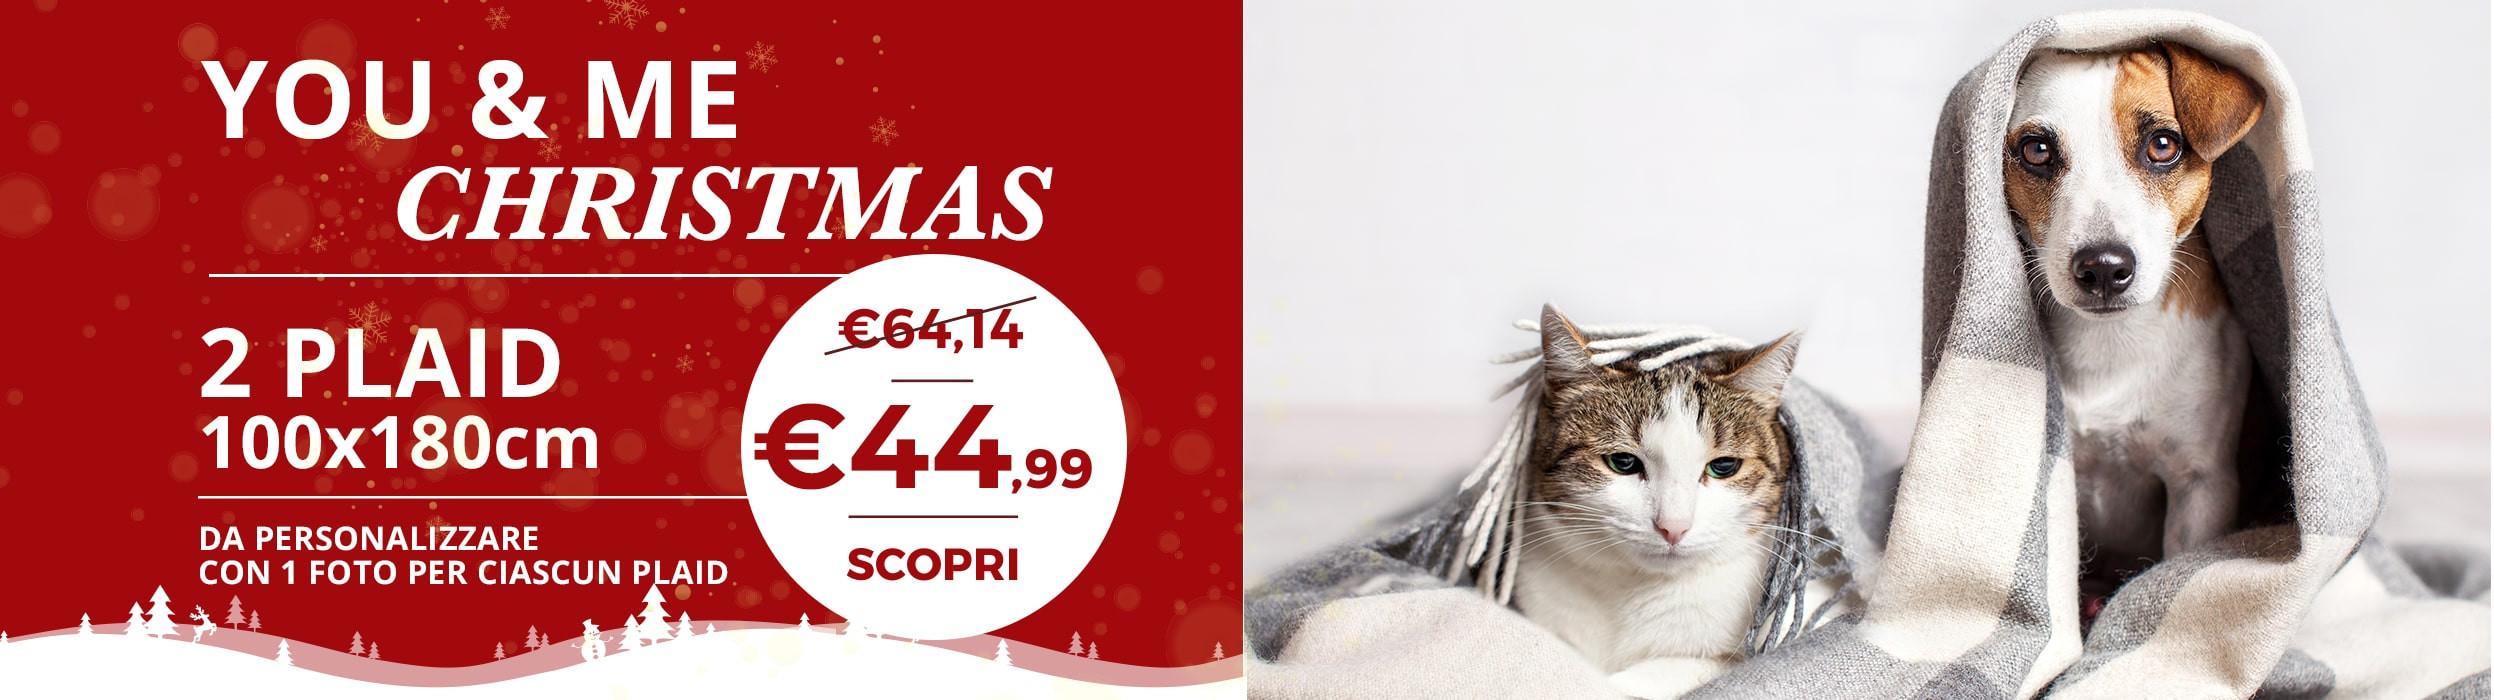 Promo You&Me Christmas